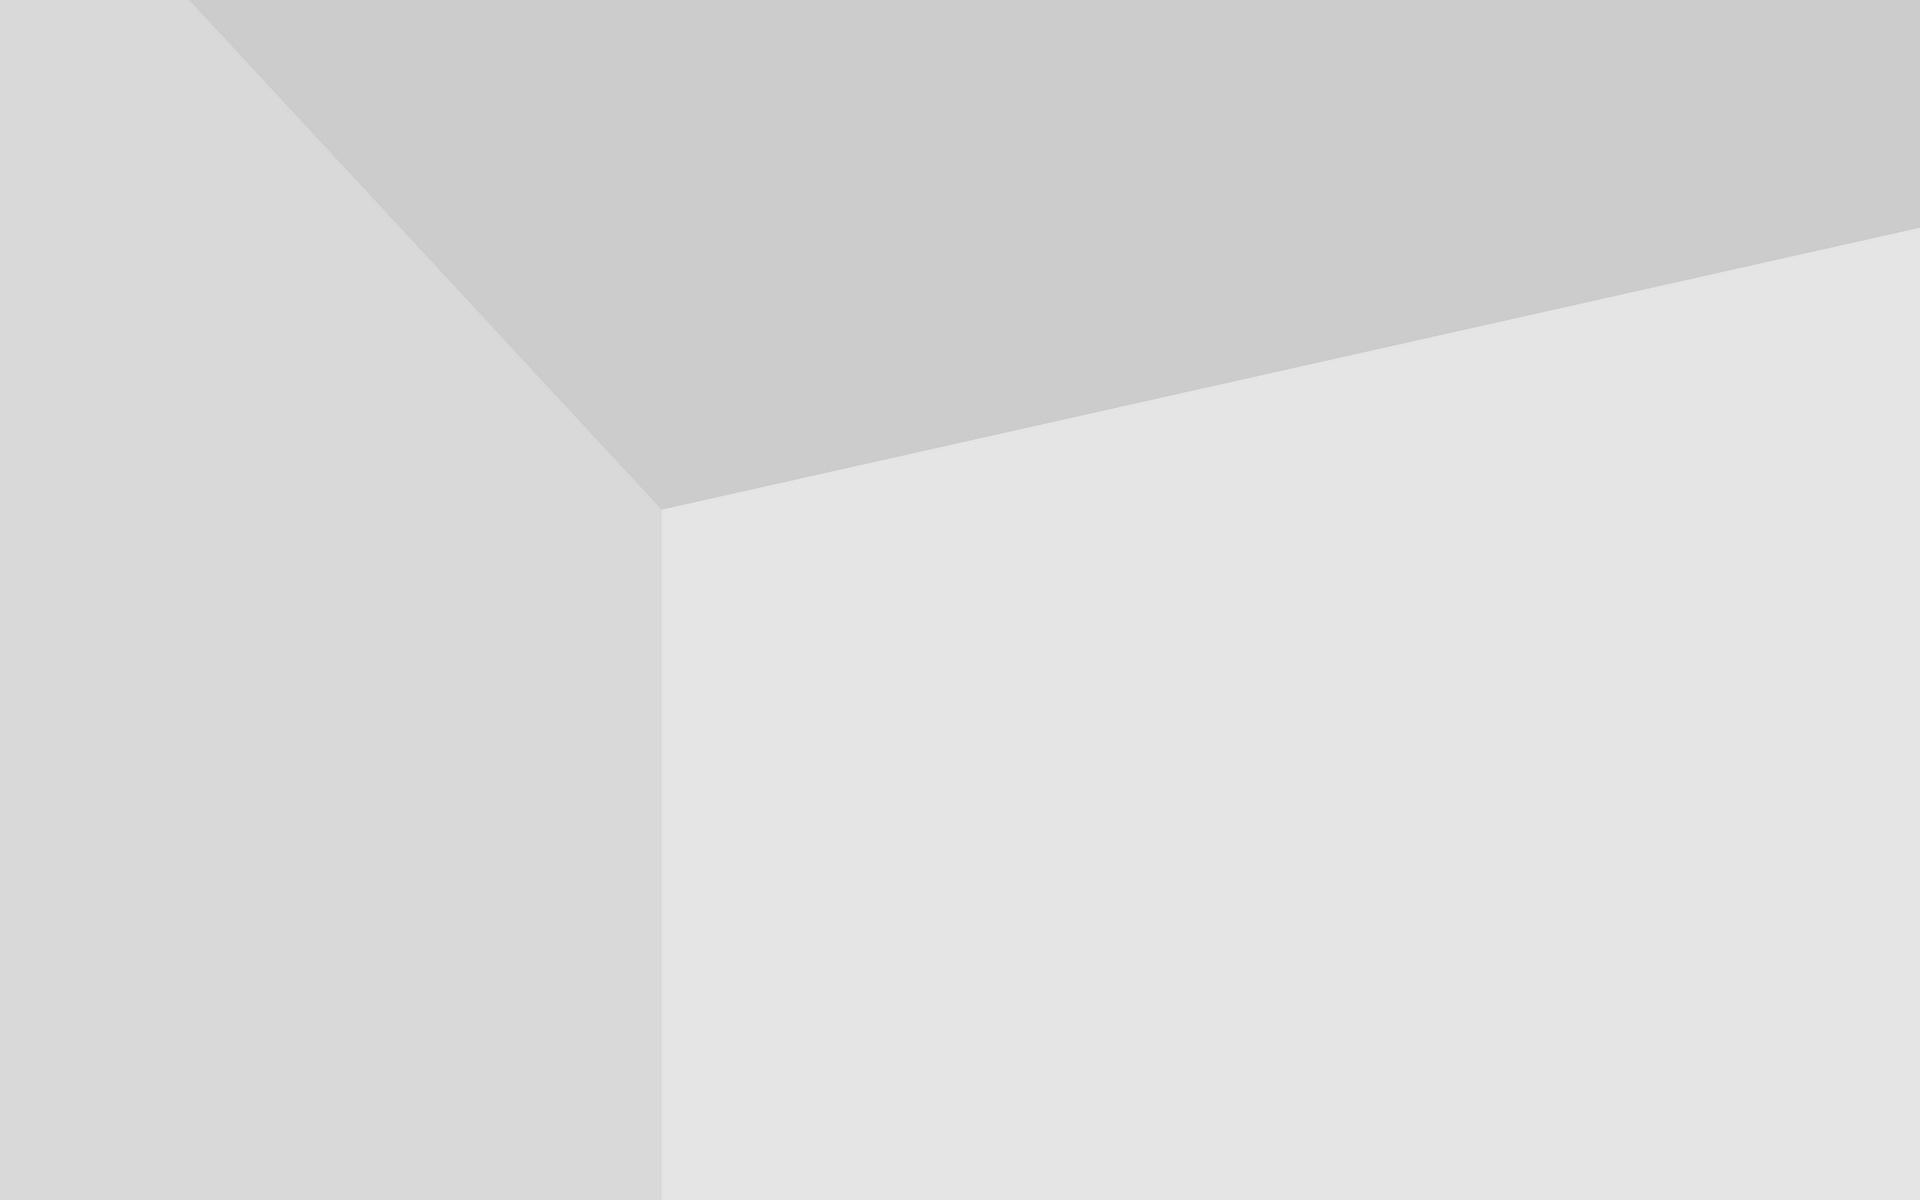 free minimalist wallpaper 43493